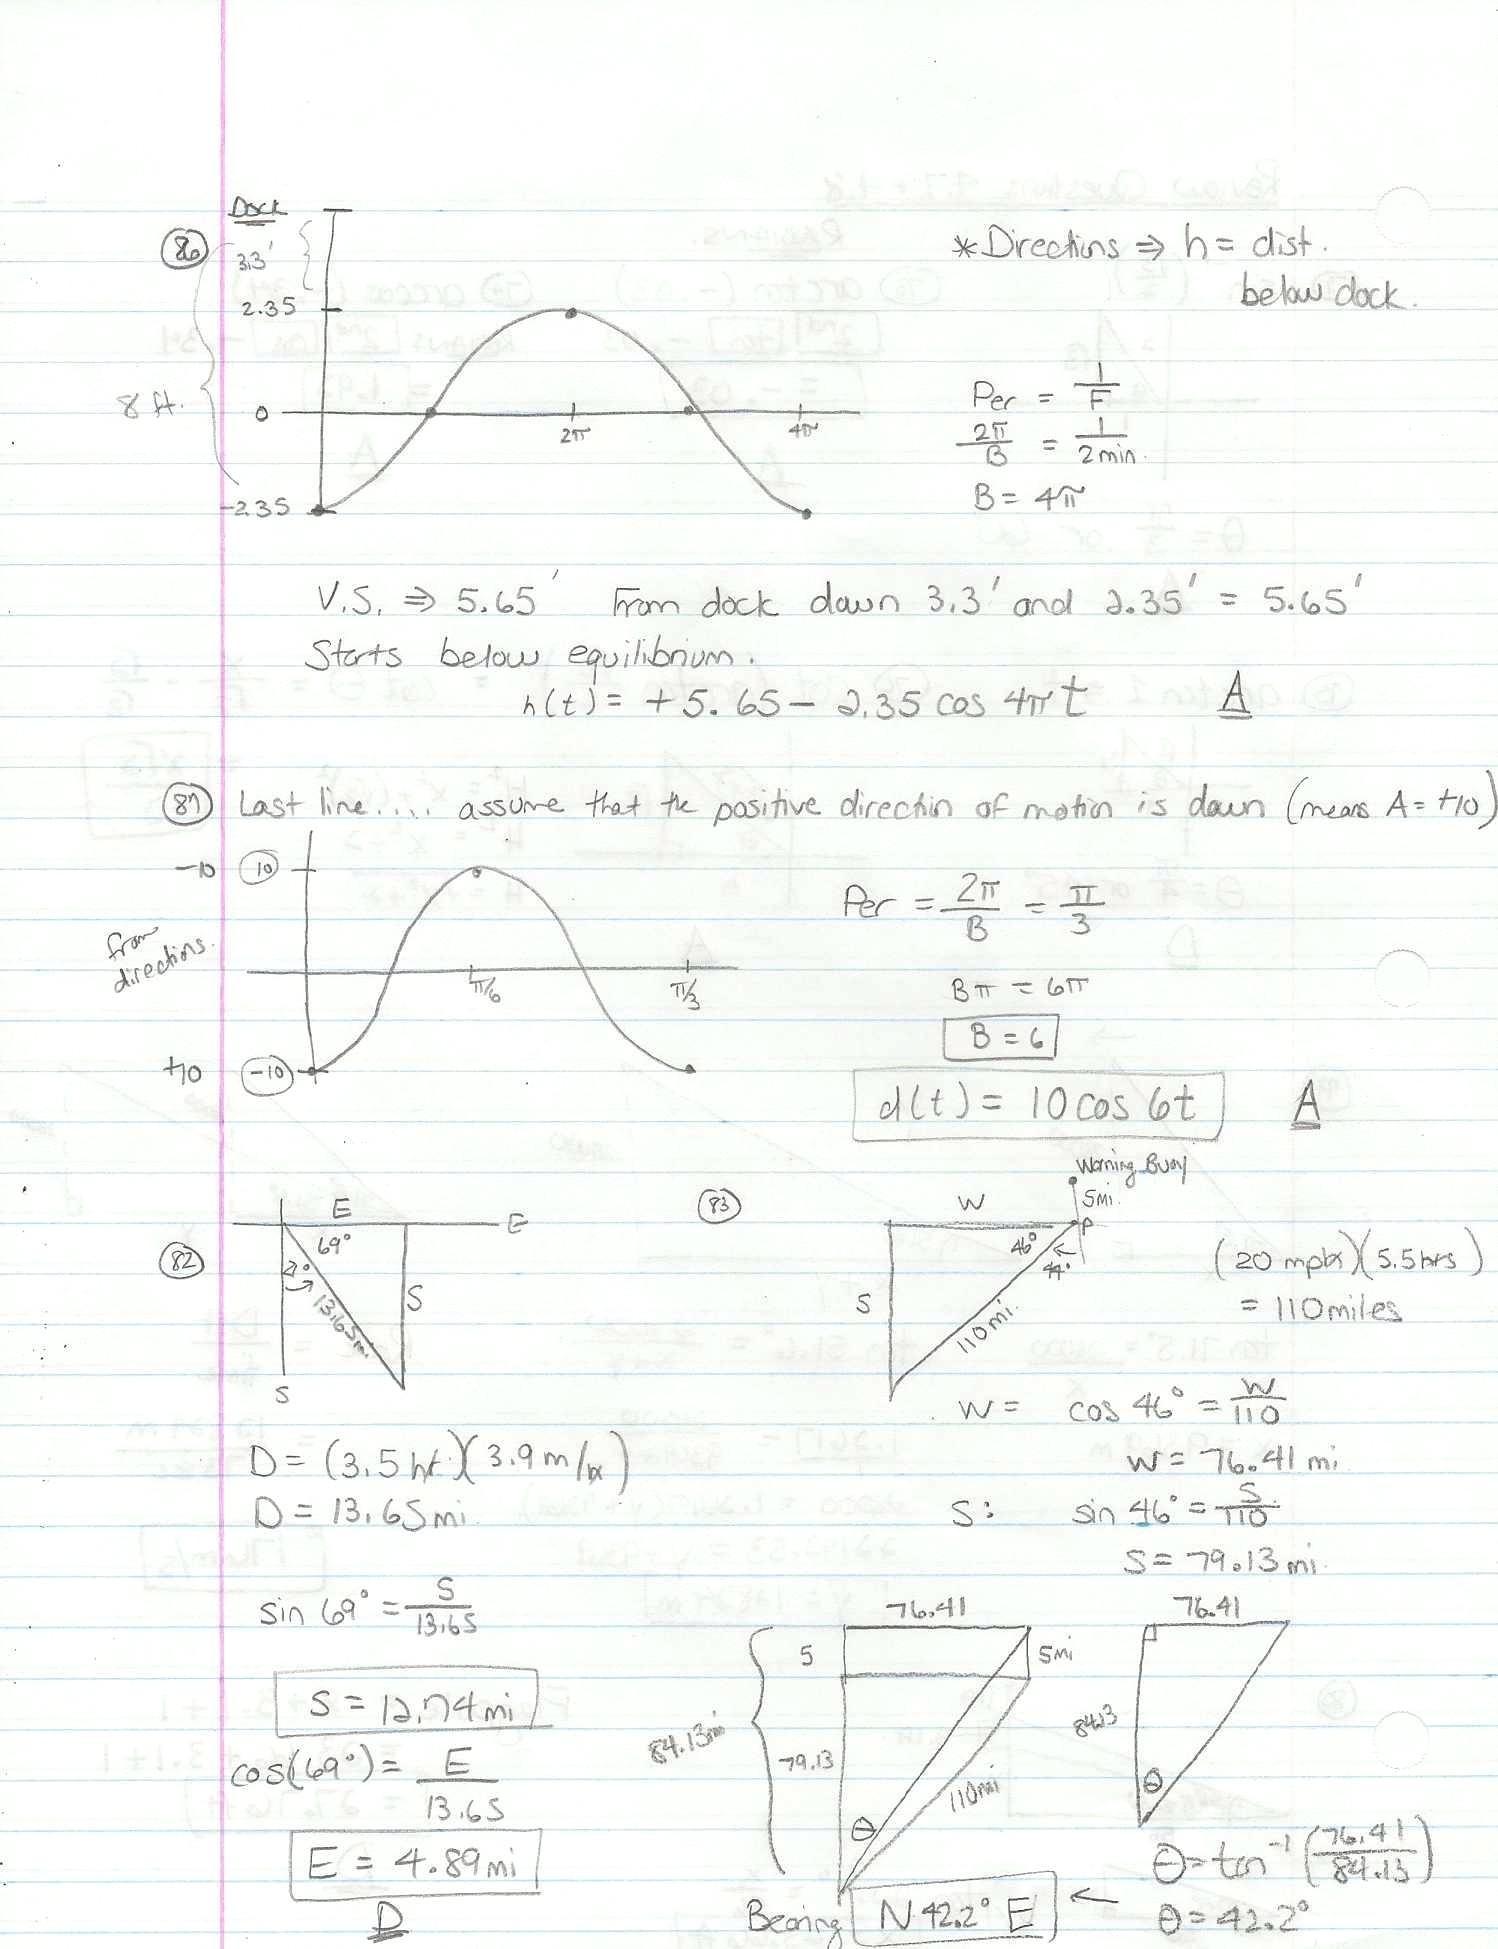 Graphing Trig Functions Practice Worksheet Graphing Sine and Cosine Functions Worksheet Answers Nidecmege